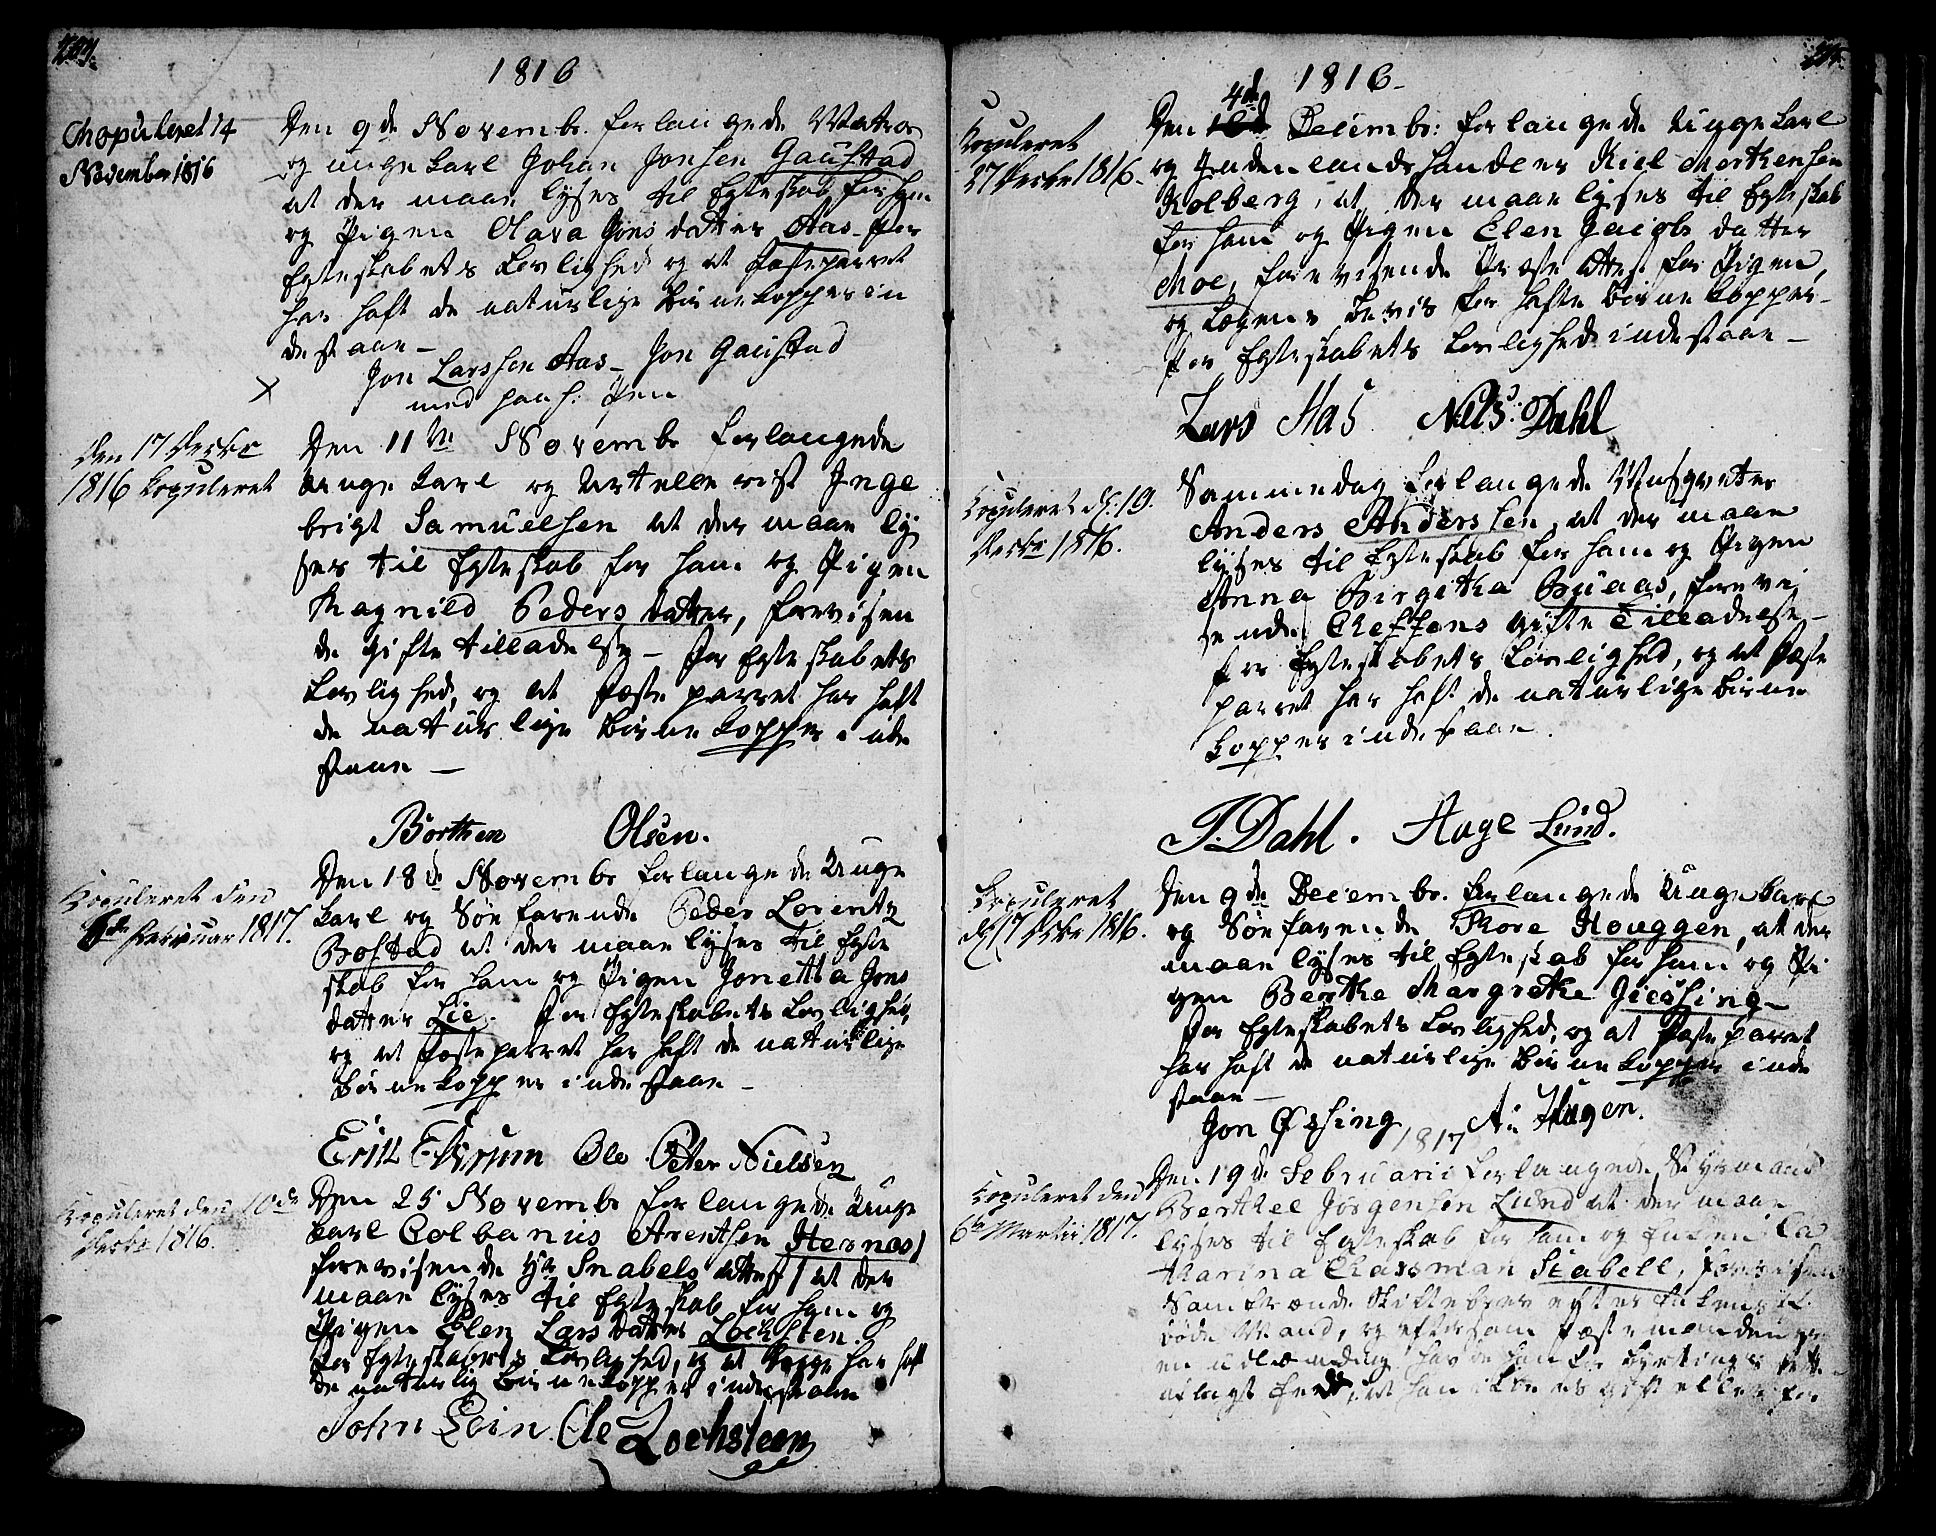 SAT, Ministerialprotokoller, klokkerbøker og fødselsregistre - Sør-Trøndelag, 601/L0042: Ministerialbok nr. 601A10, 1802-1830, s. 204-205